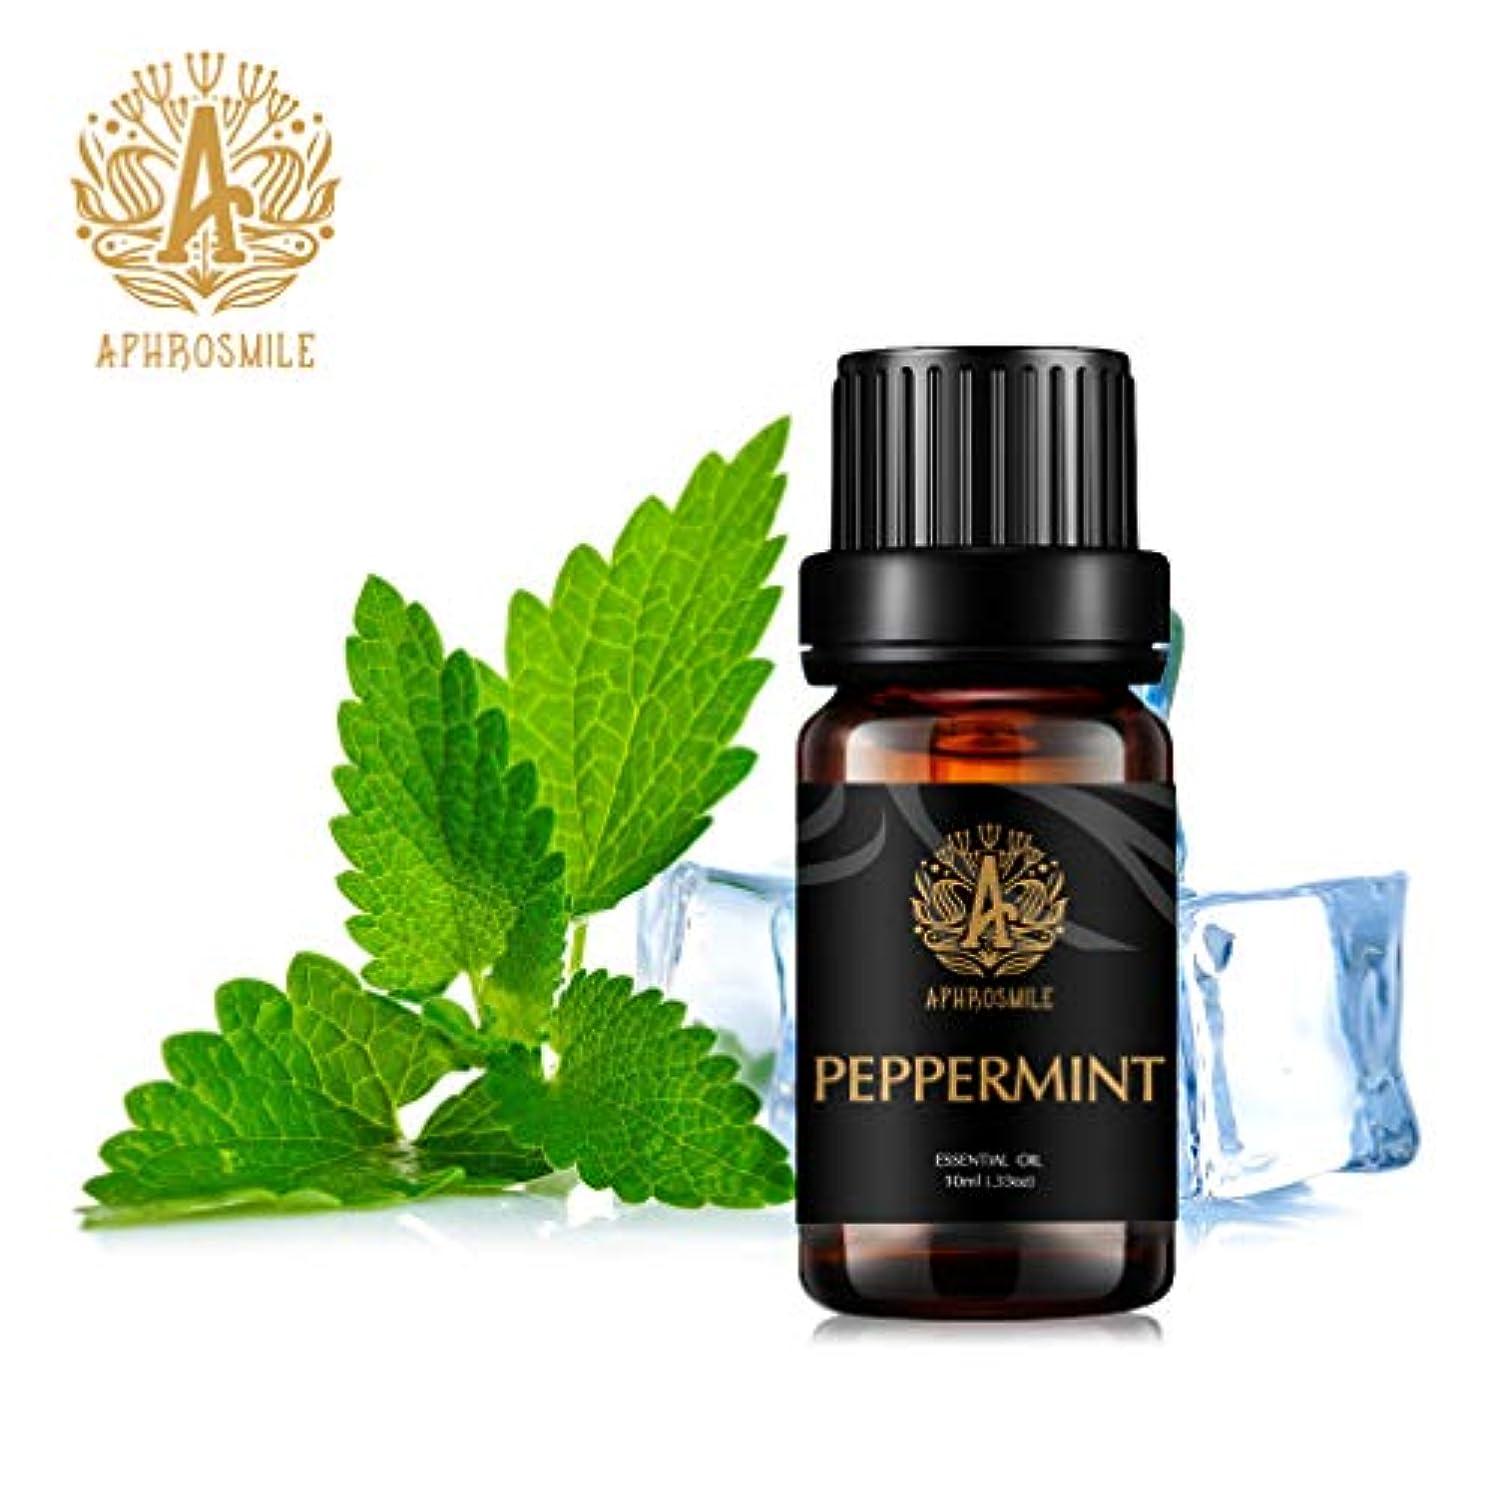 仕事注入するにペパーミントの精油、100%純粋なアロマセラピーエッセンシャルオイルペパーミントの香り、明確な思考と、治療用グレードエッセンシャルオイルペパーミントの香り為にディフューザー、マッサージ、加湿器、デイリーケア、0.33オンス-10ml